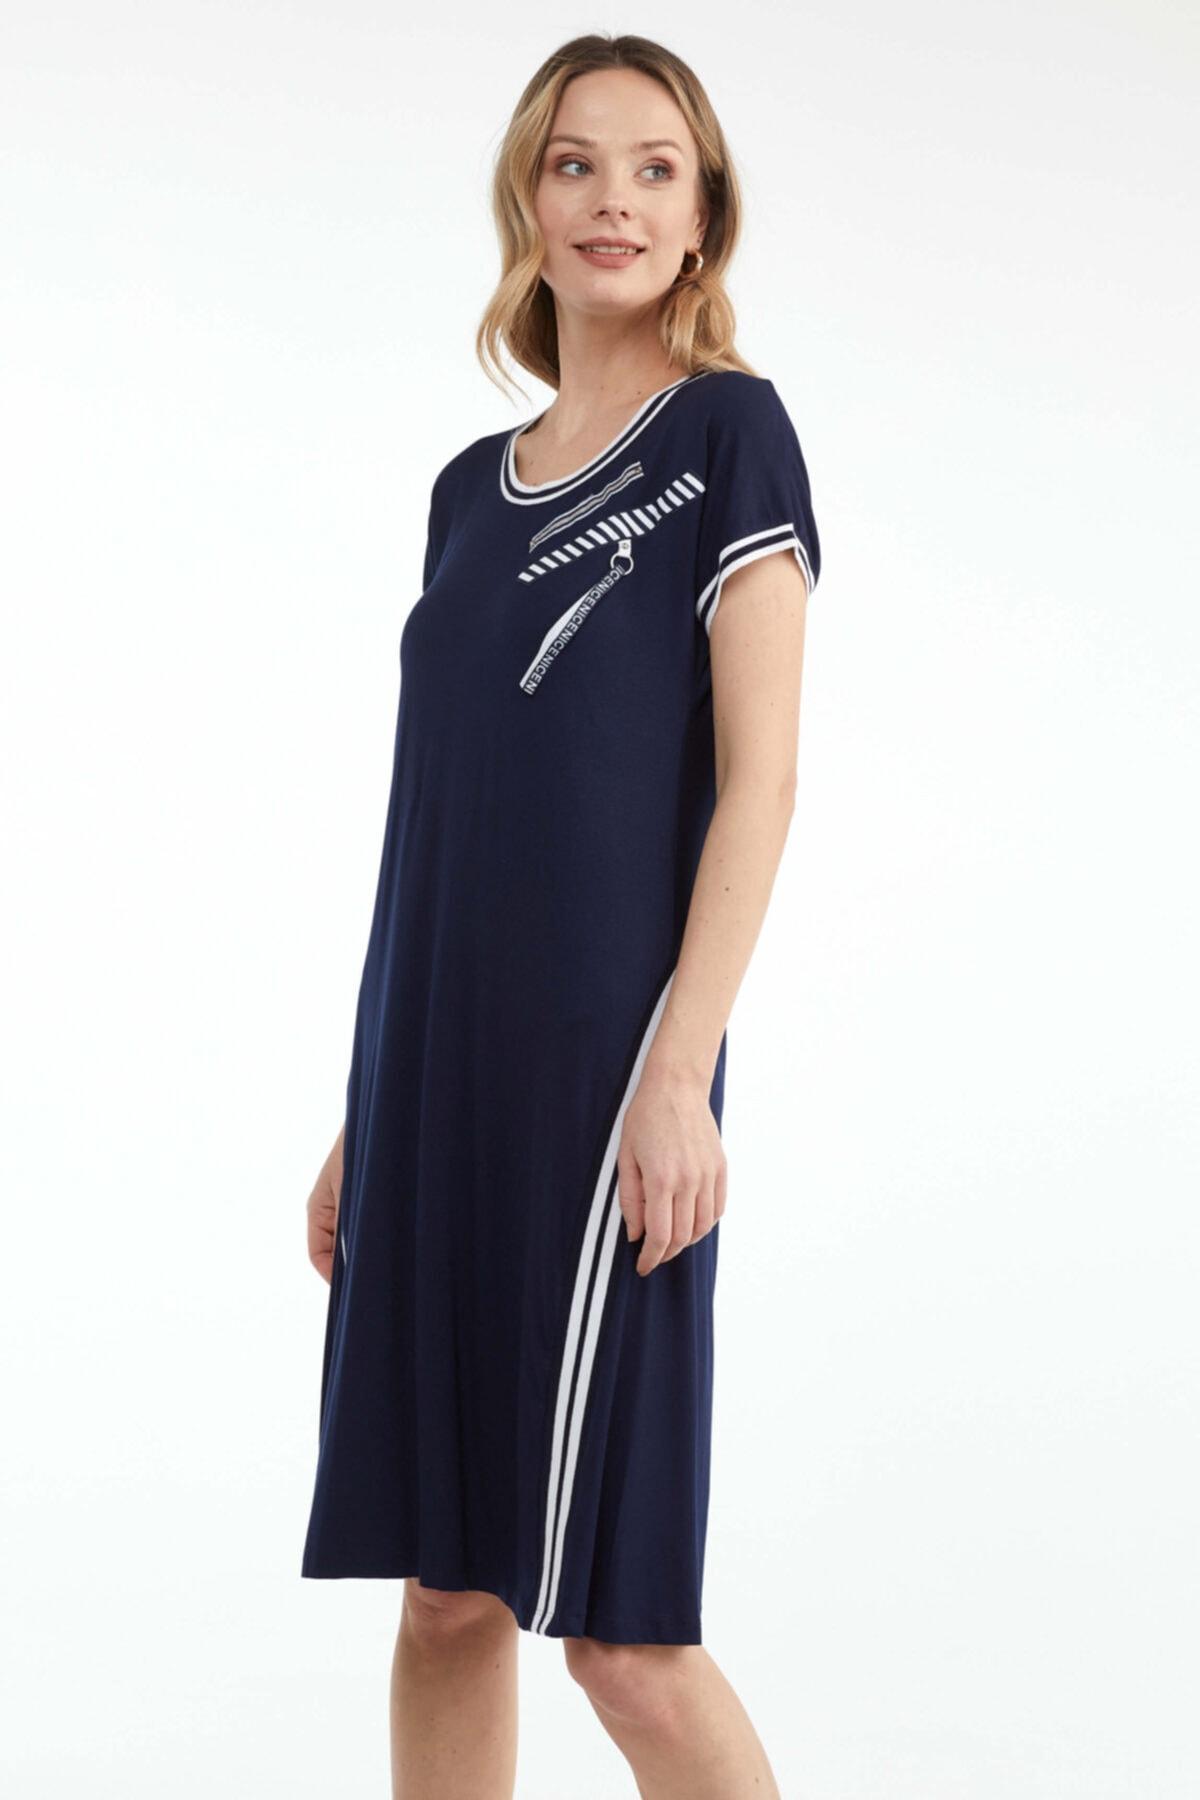 Büyük Beden Kadın Kısa Kol Elbise - Lacivert